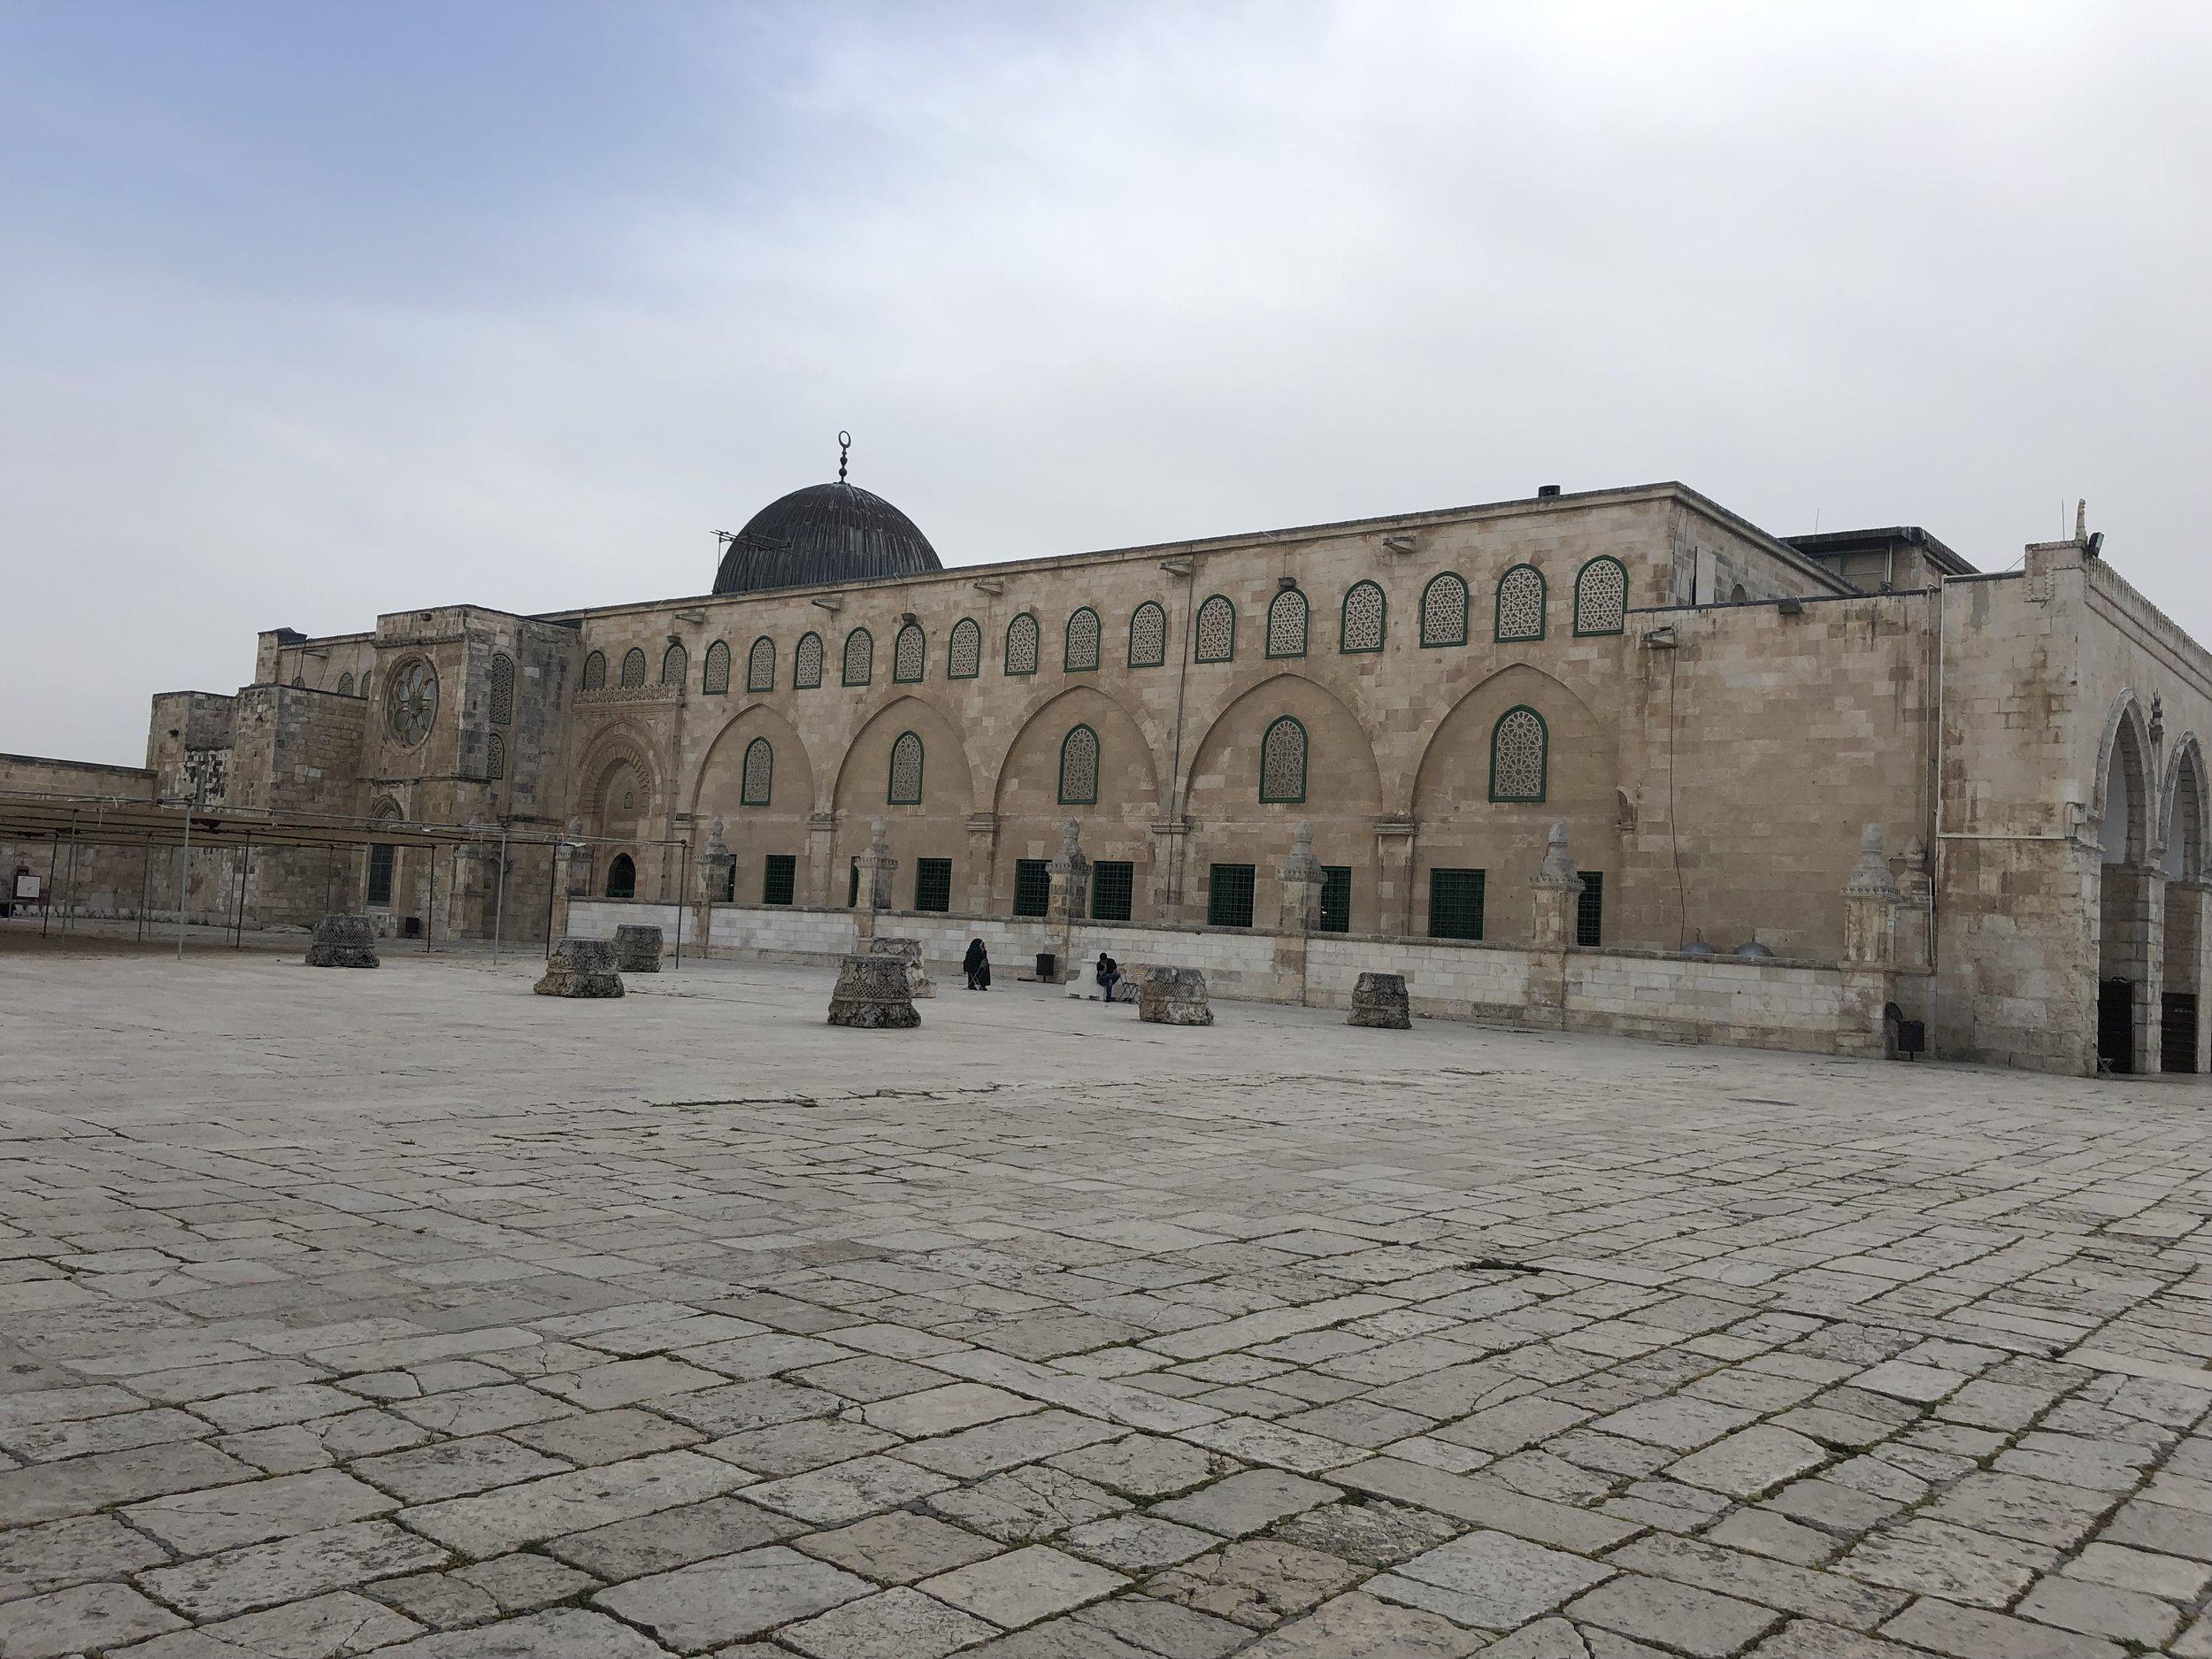 De Al-Aqsamoskee